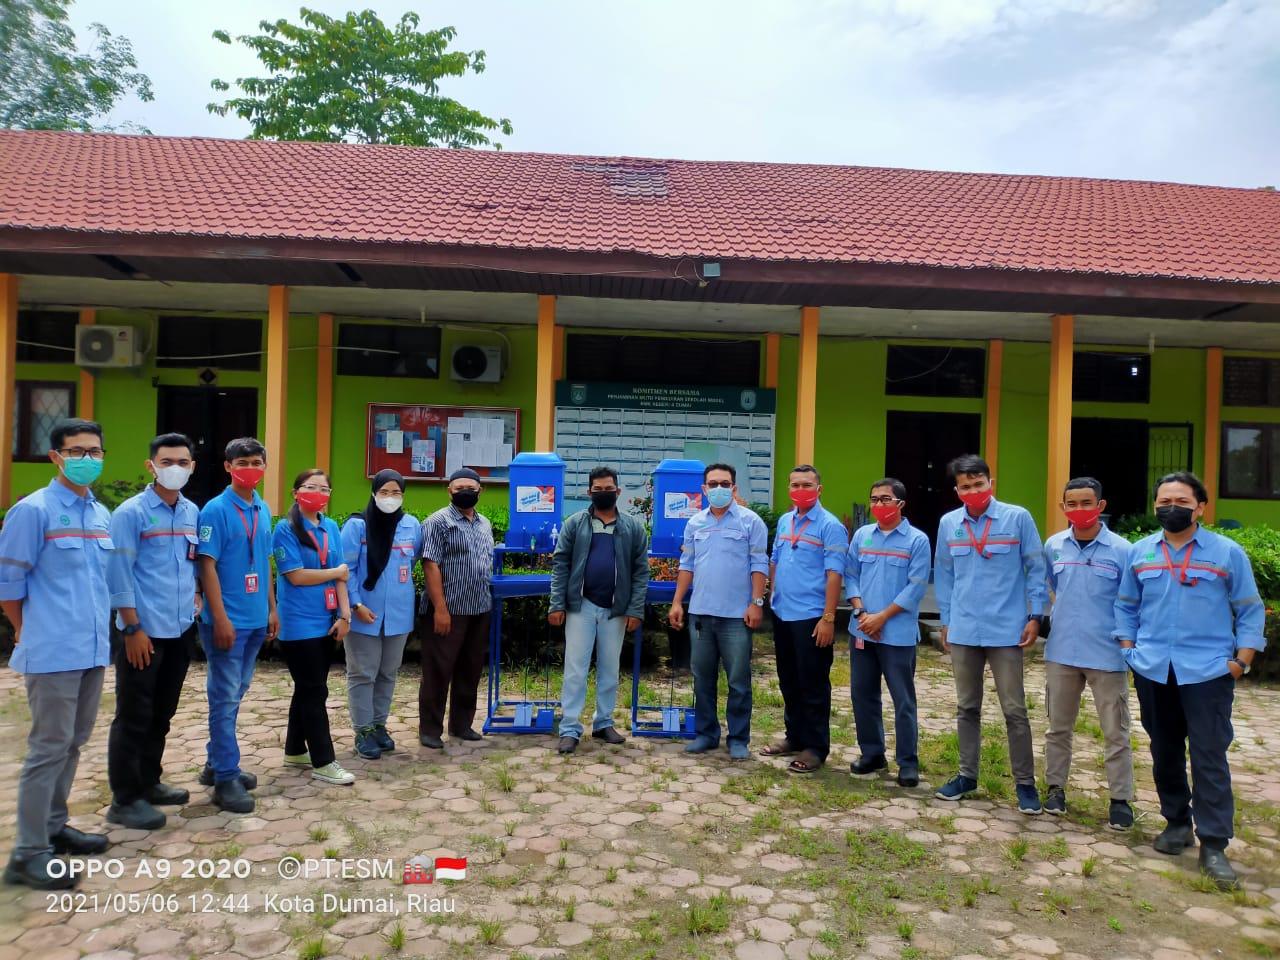 Edukasi Kebersihan Masa Pandemi Covid-19, PT ESM Bantu Alat Cuci Tangan ke Dua Sekolah